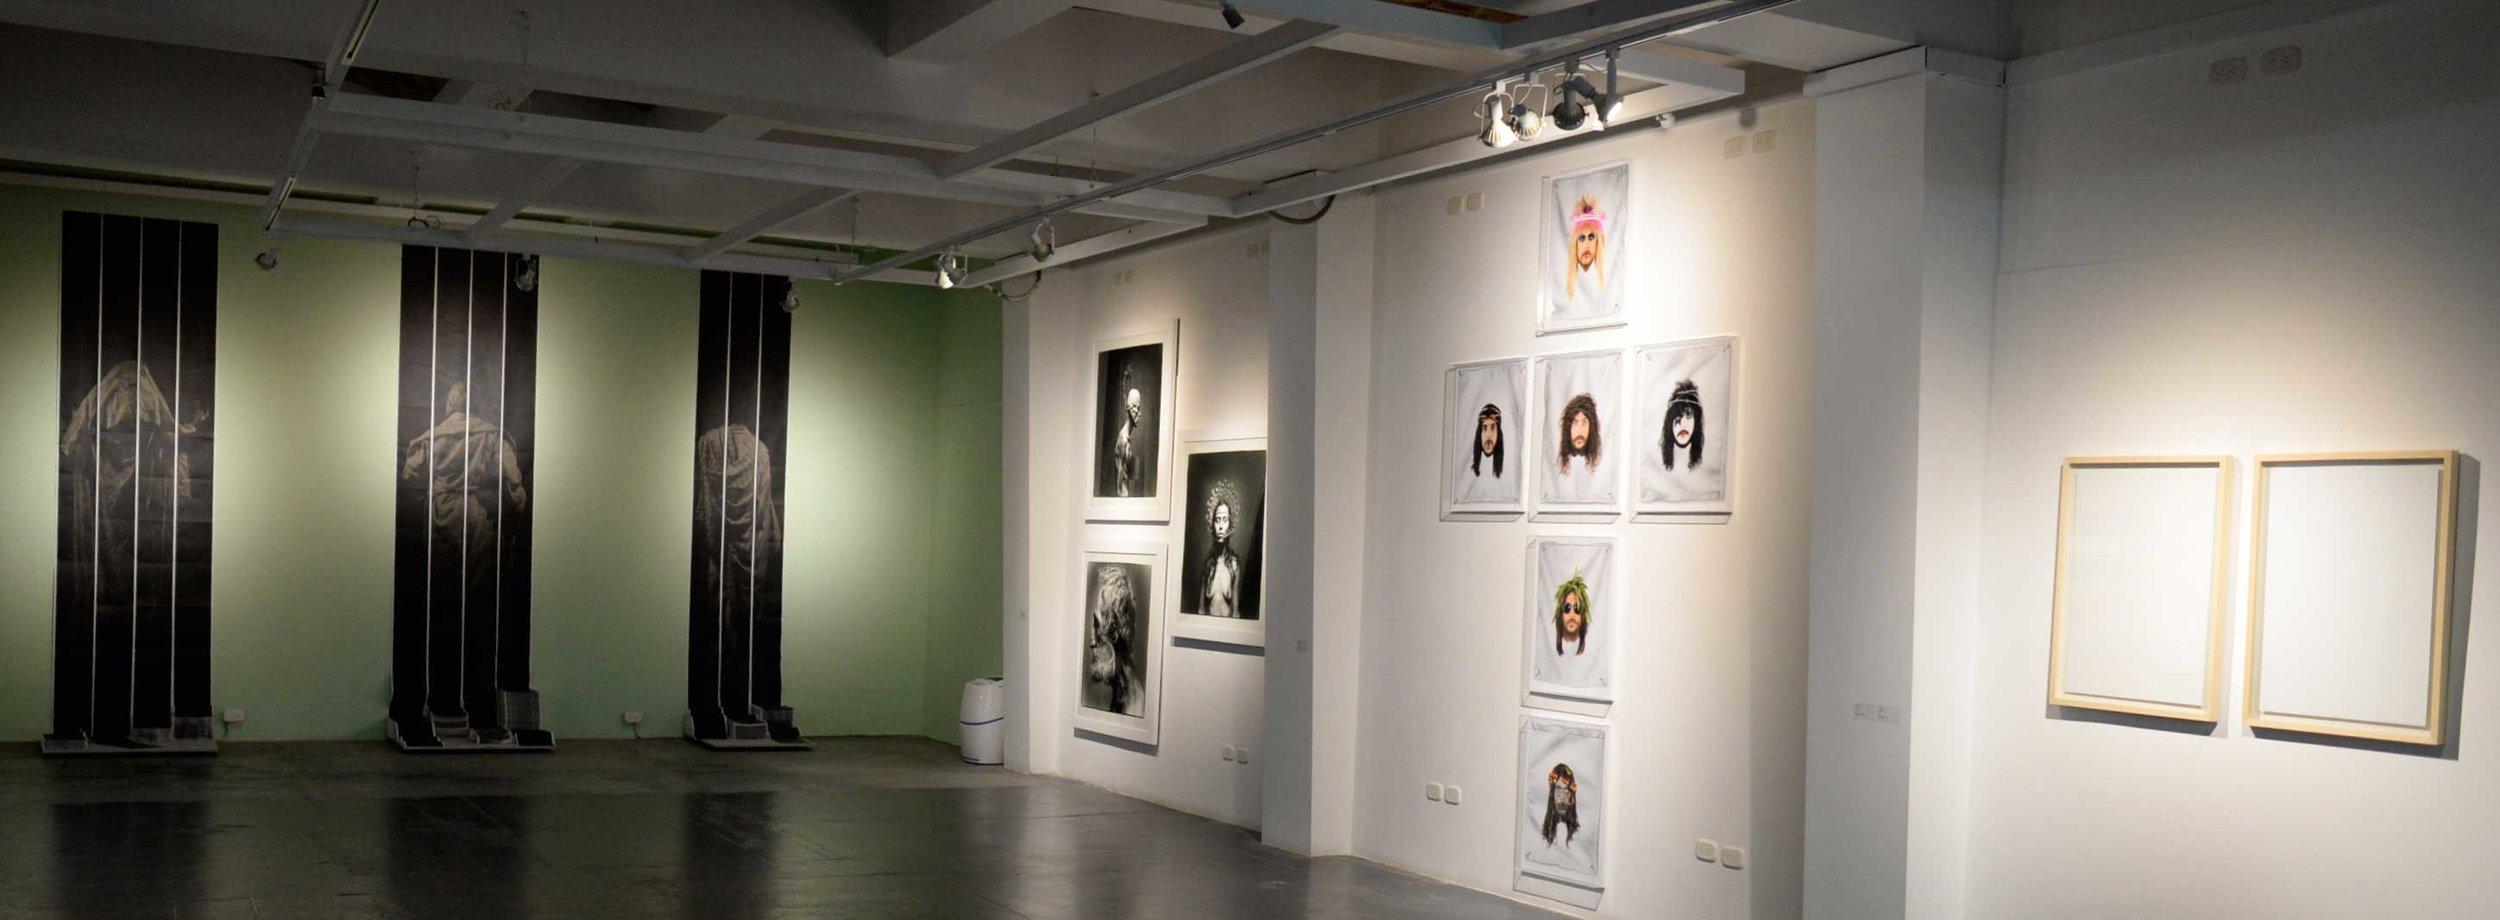 Cilices - Collective Exhibition